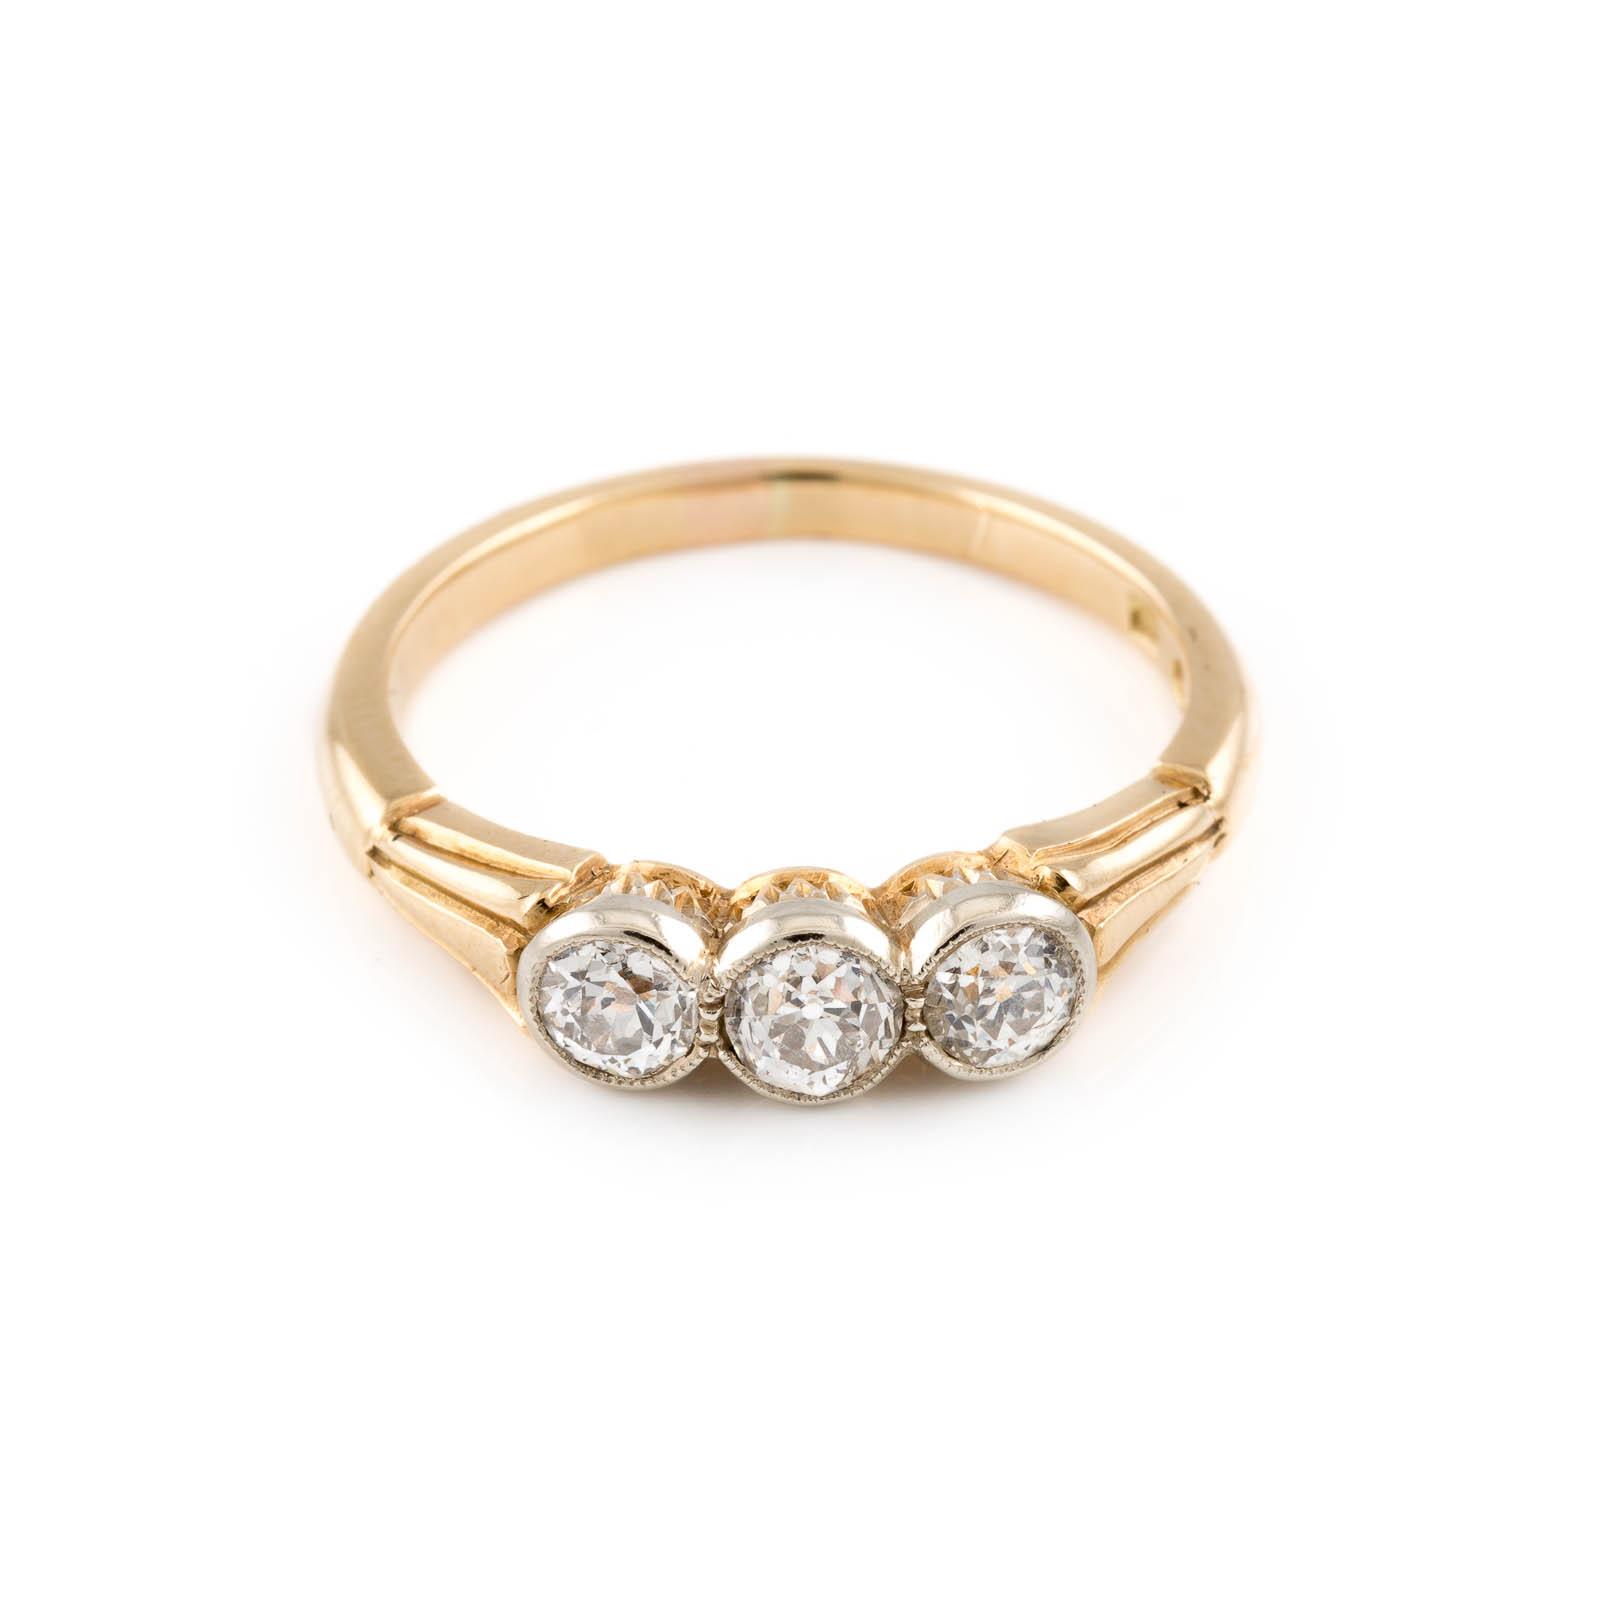 Lot 34 - DIAMANT-RING Gelbgold. Ringmaß ca. 57,5, Ges.-Gew. ca. 3,9 g. Geprüft 14 K. Drei Diamanten im